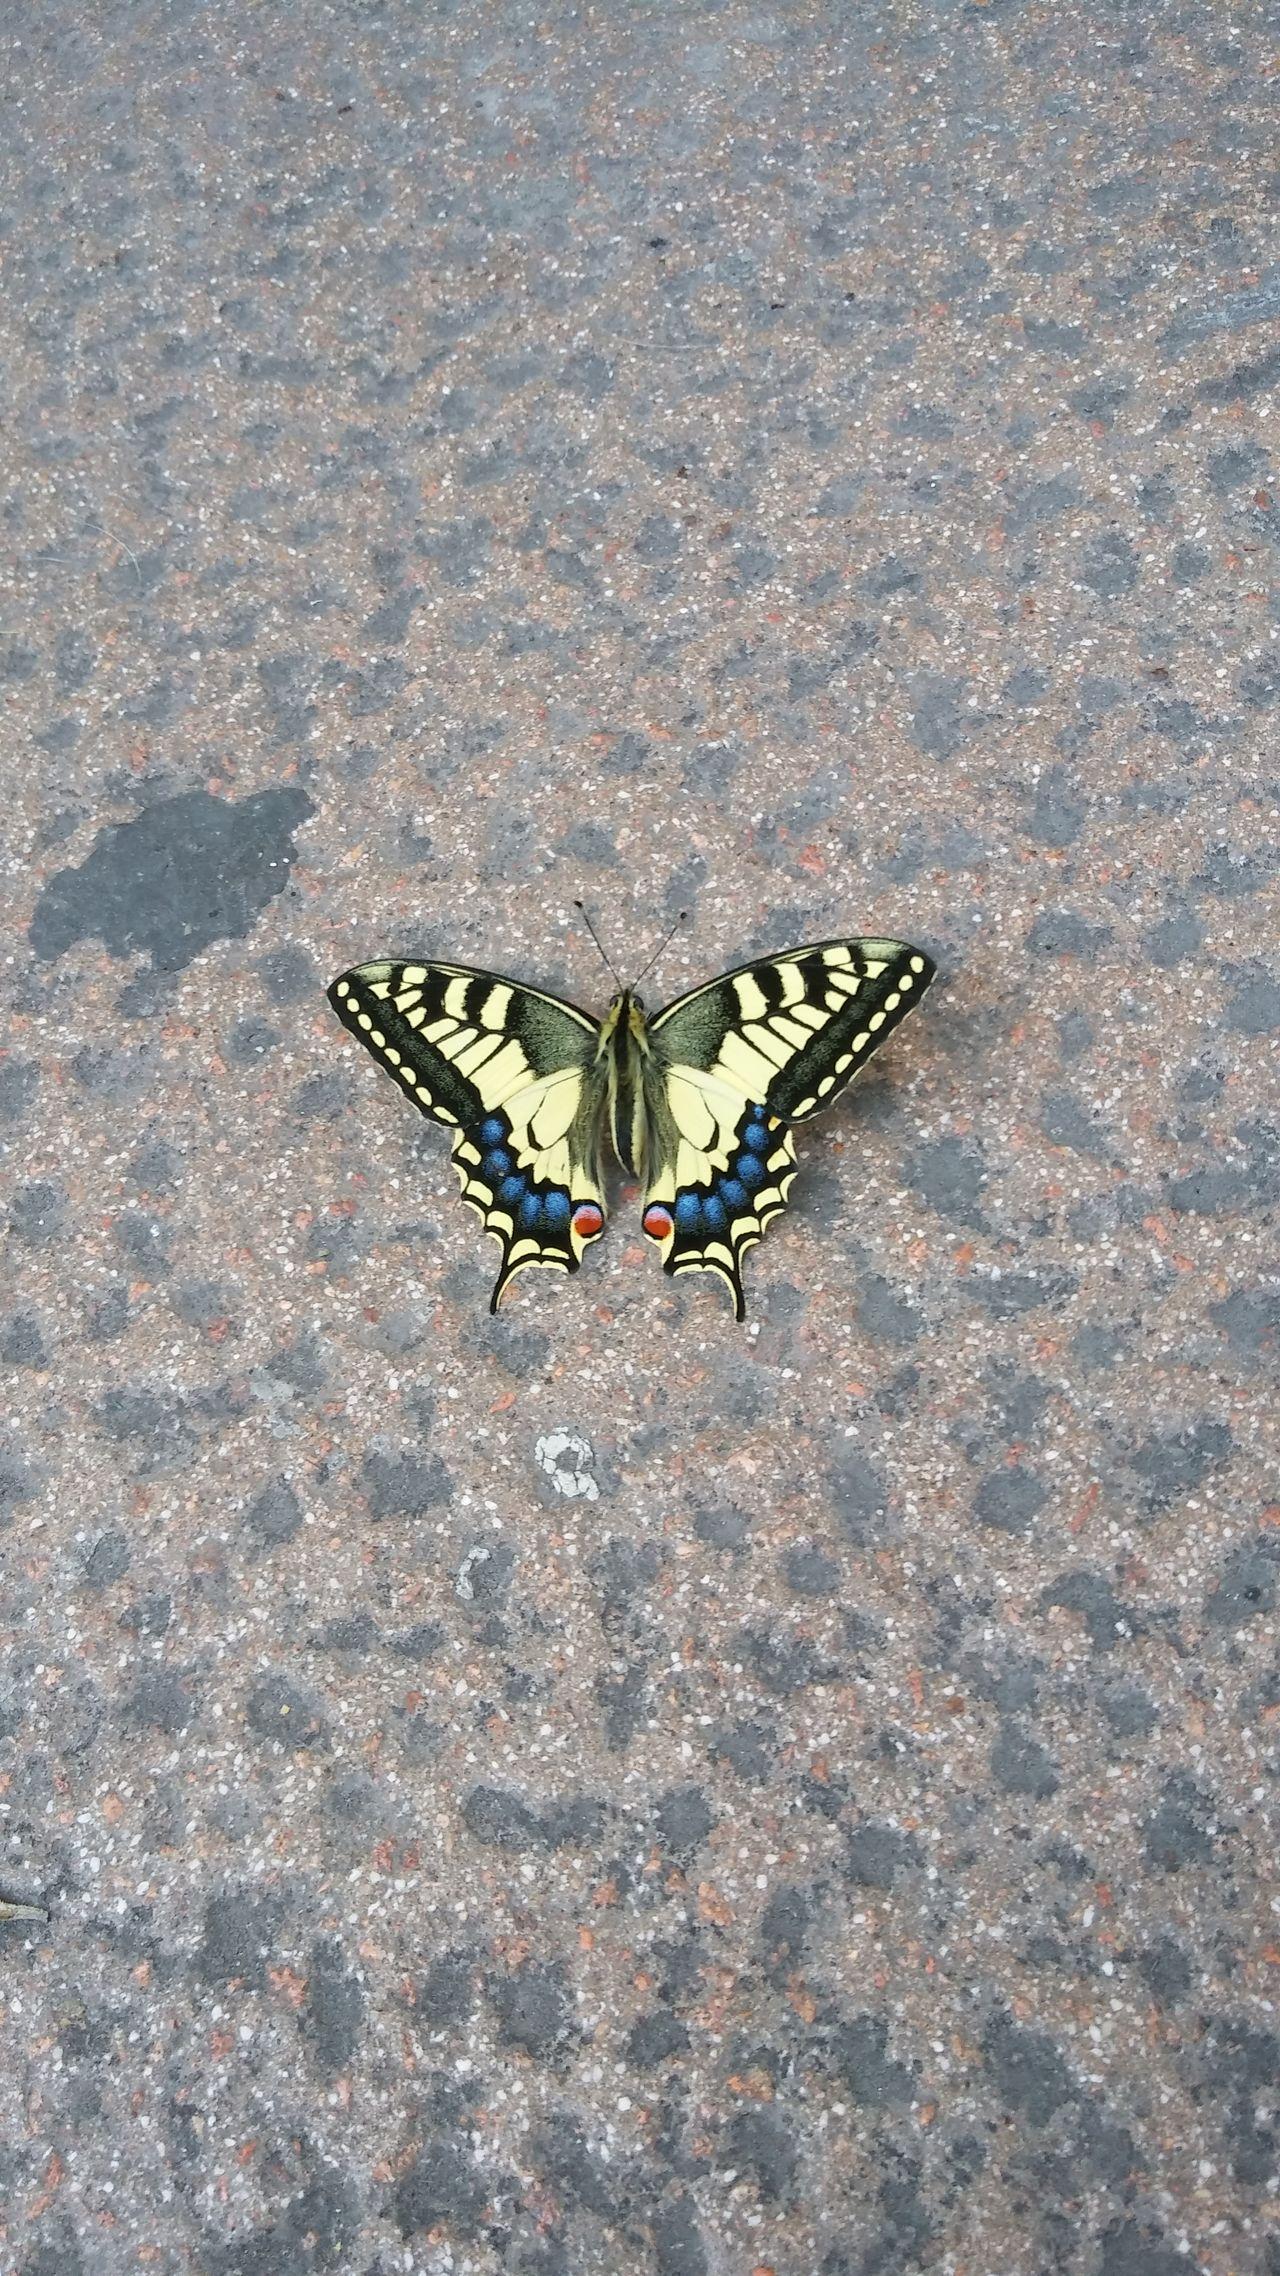 Farfalla Farfalle Farfalle🐝🐞 Mariposa Mariposas Baterfly Baterfly Garden Nature_collection Natura Nature Beauty In Nature